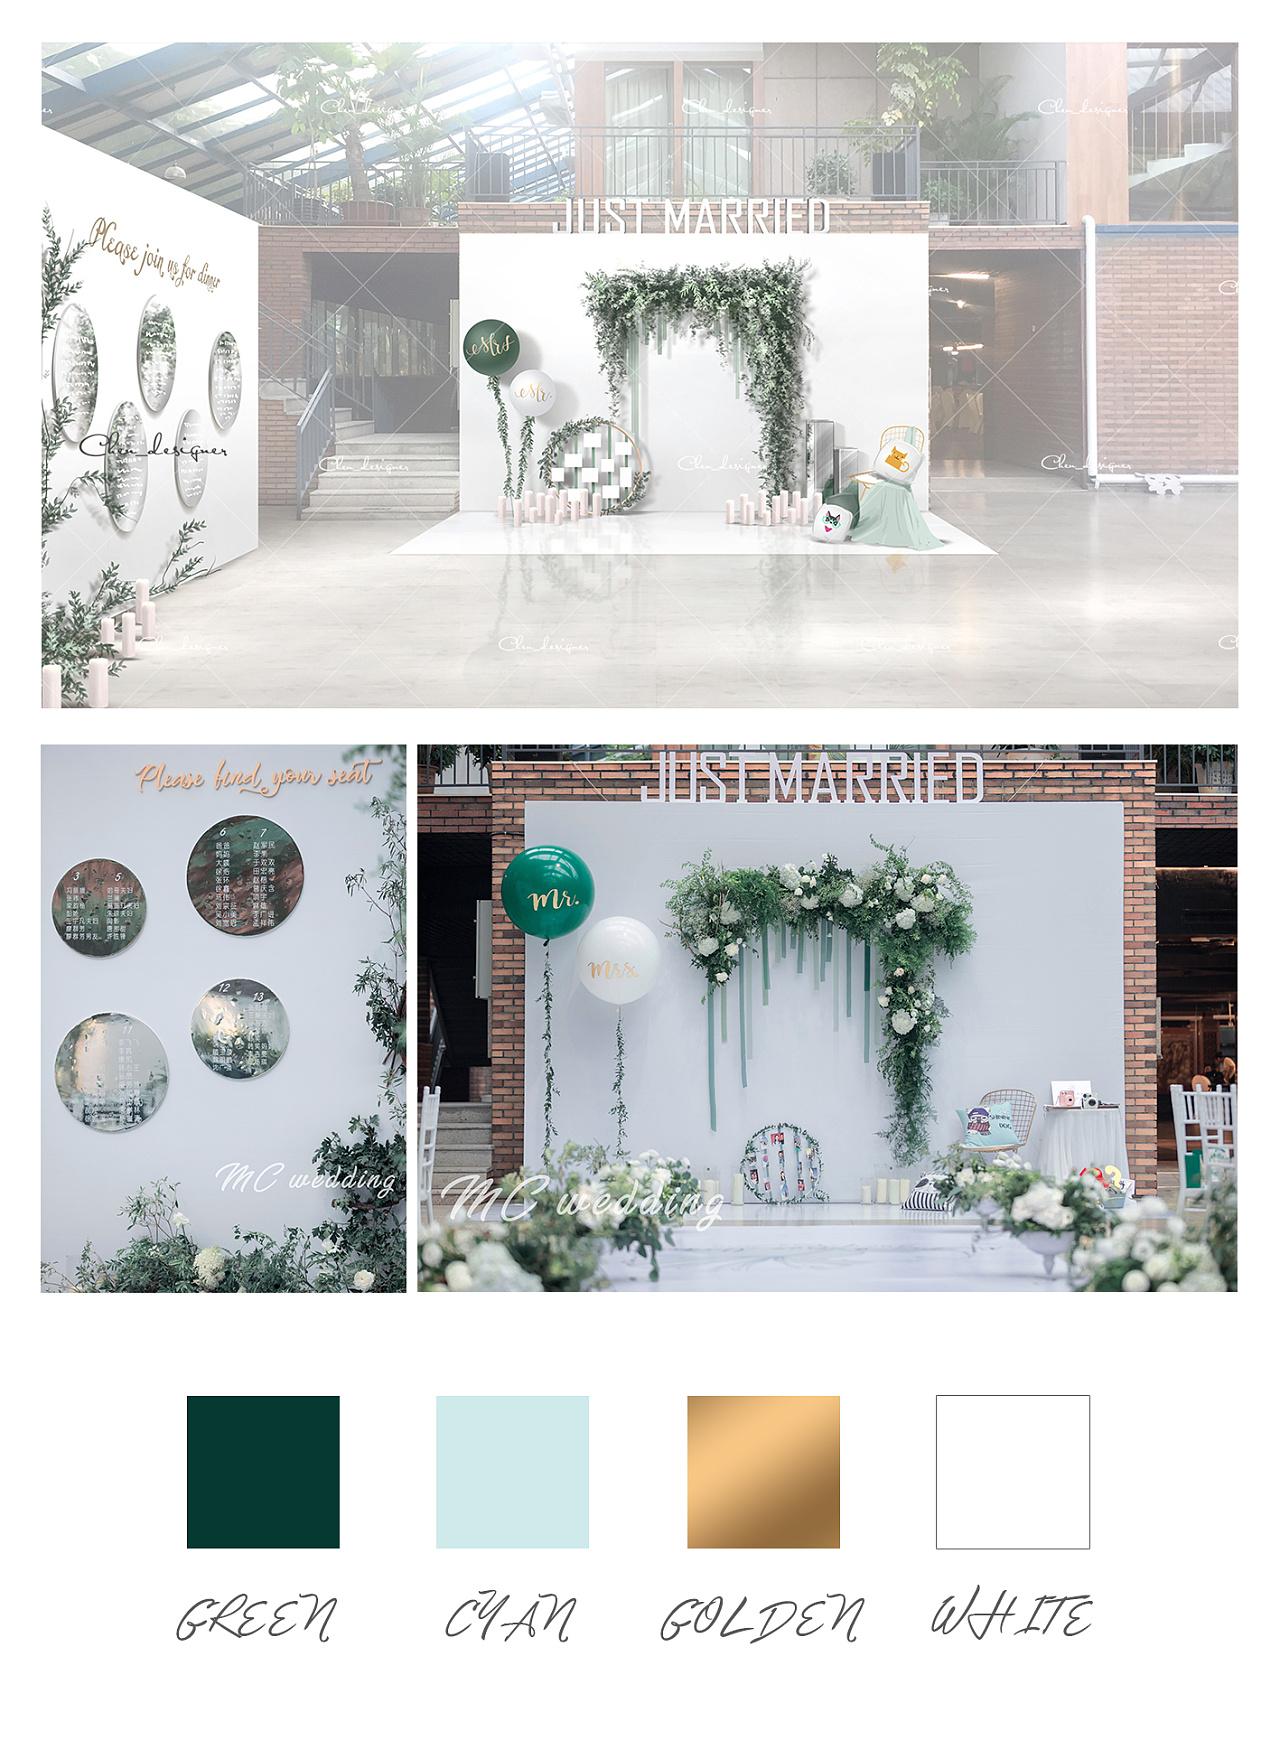 婚礼设计手绘图|空间|舞台美术|lindsay_c - 原创作品